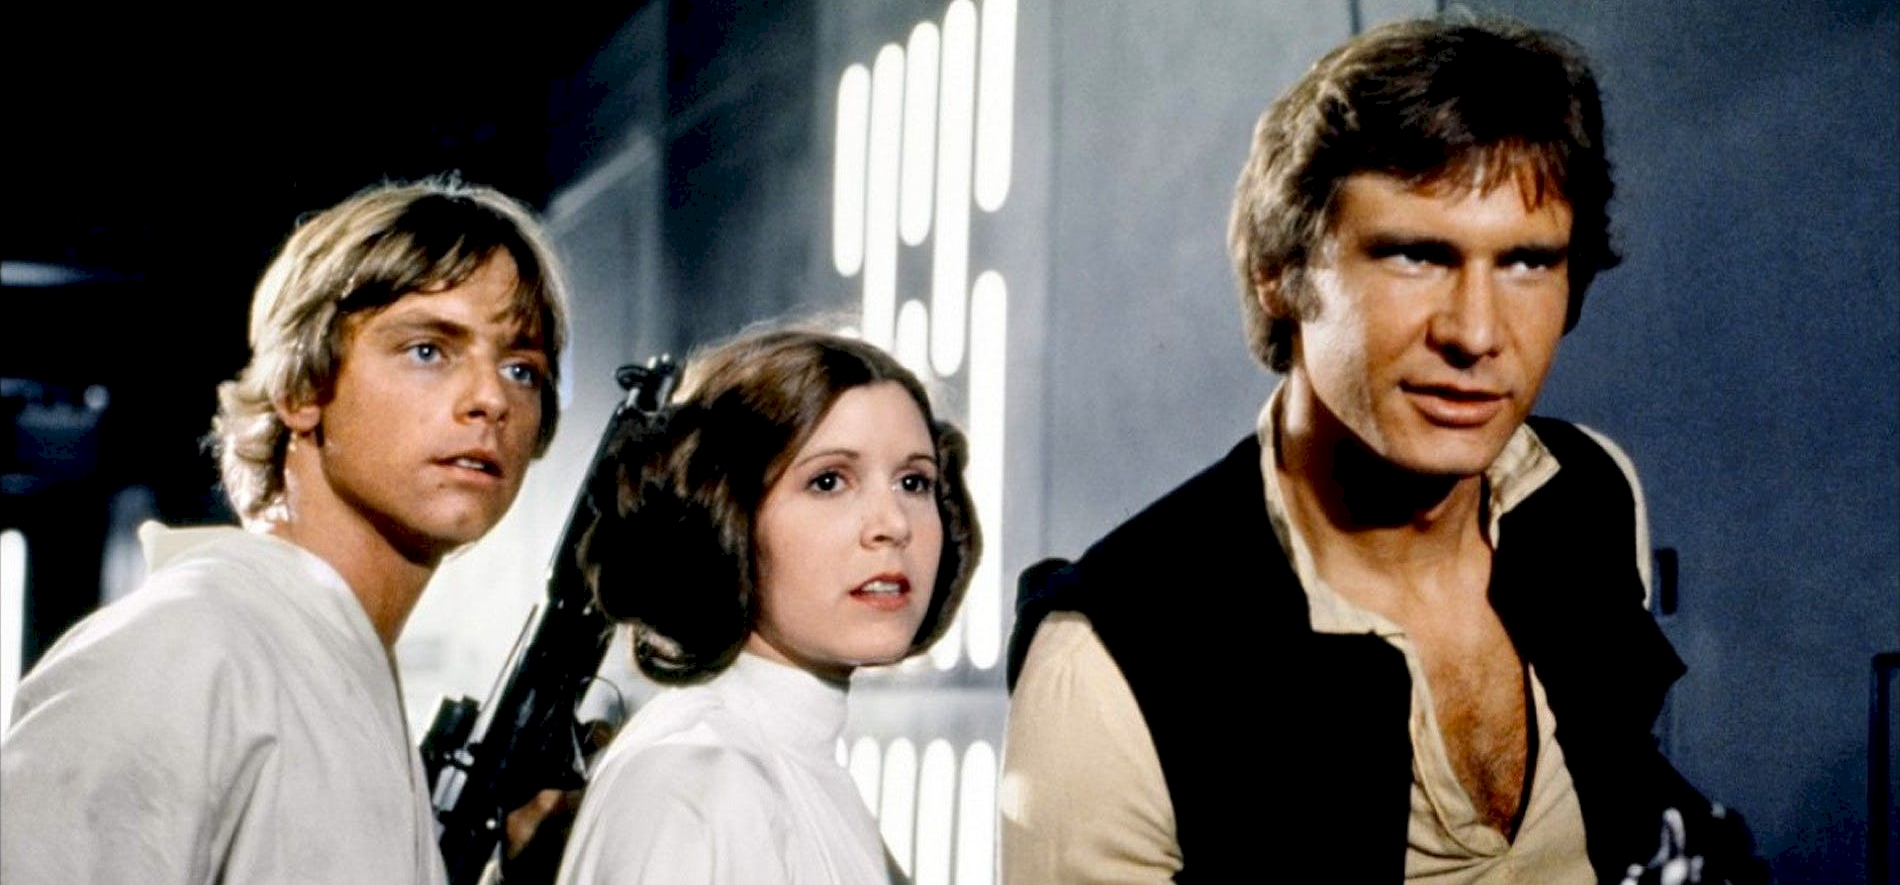 Videón mutatjuk Harrison Ford és Mark Hamill első Star Wars próbáját